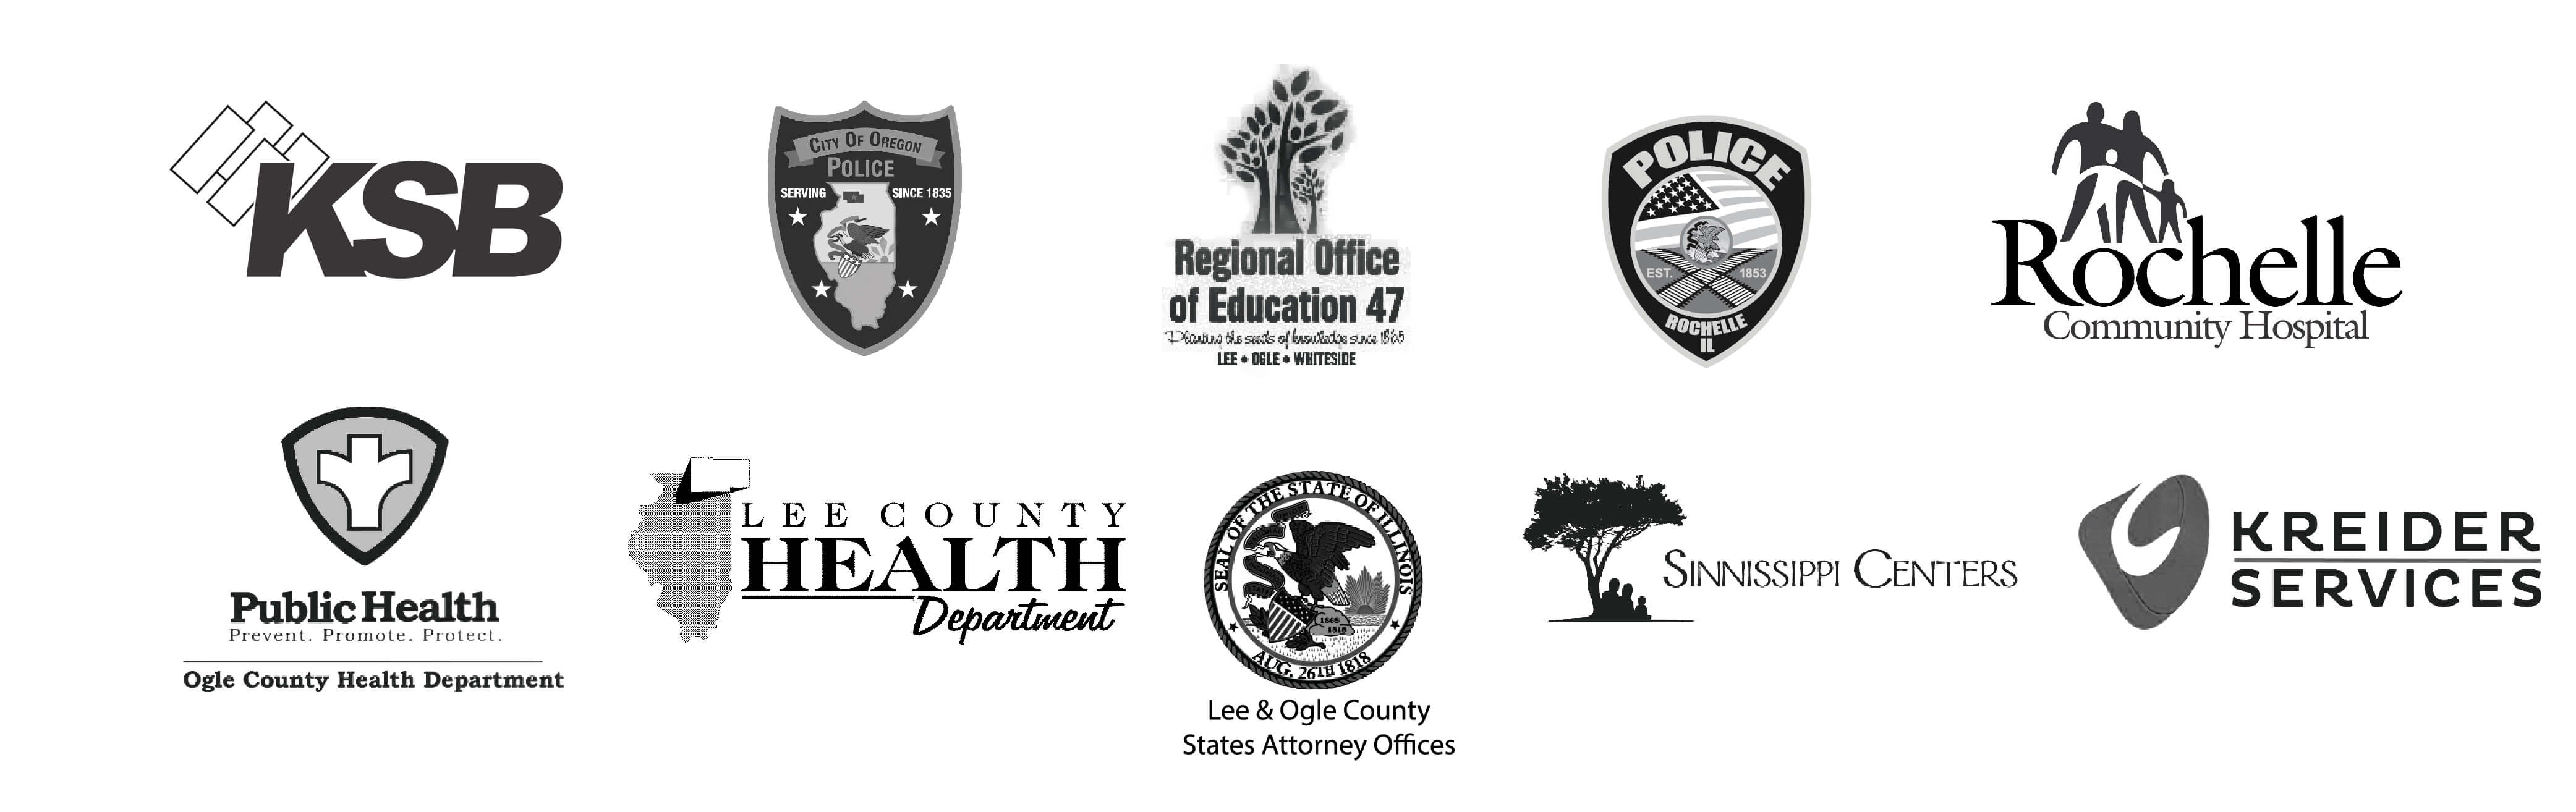 logos-website-01 - KSB Hospital